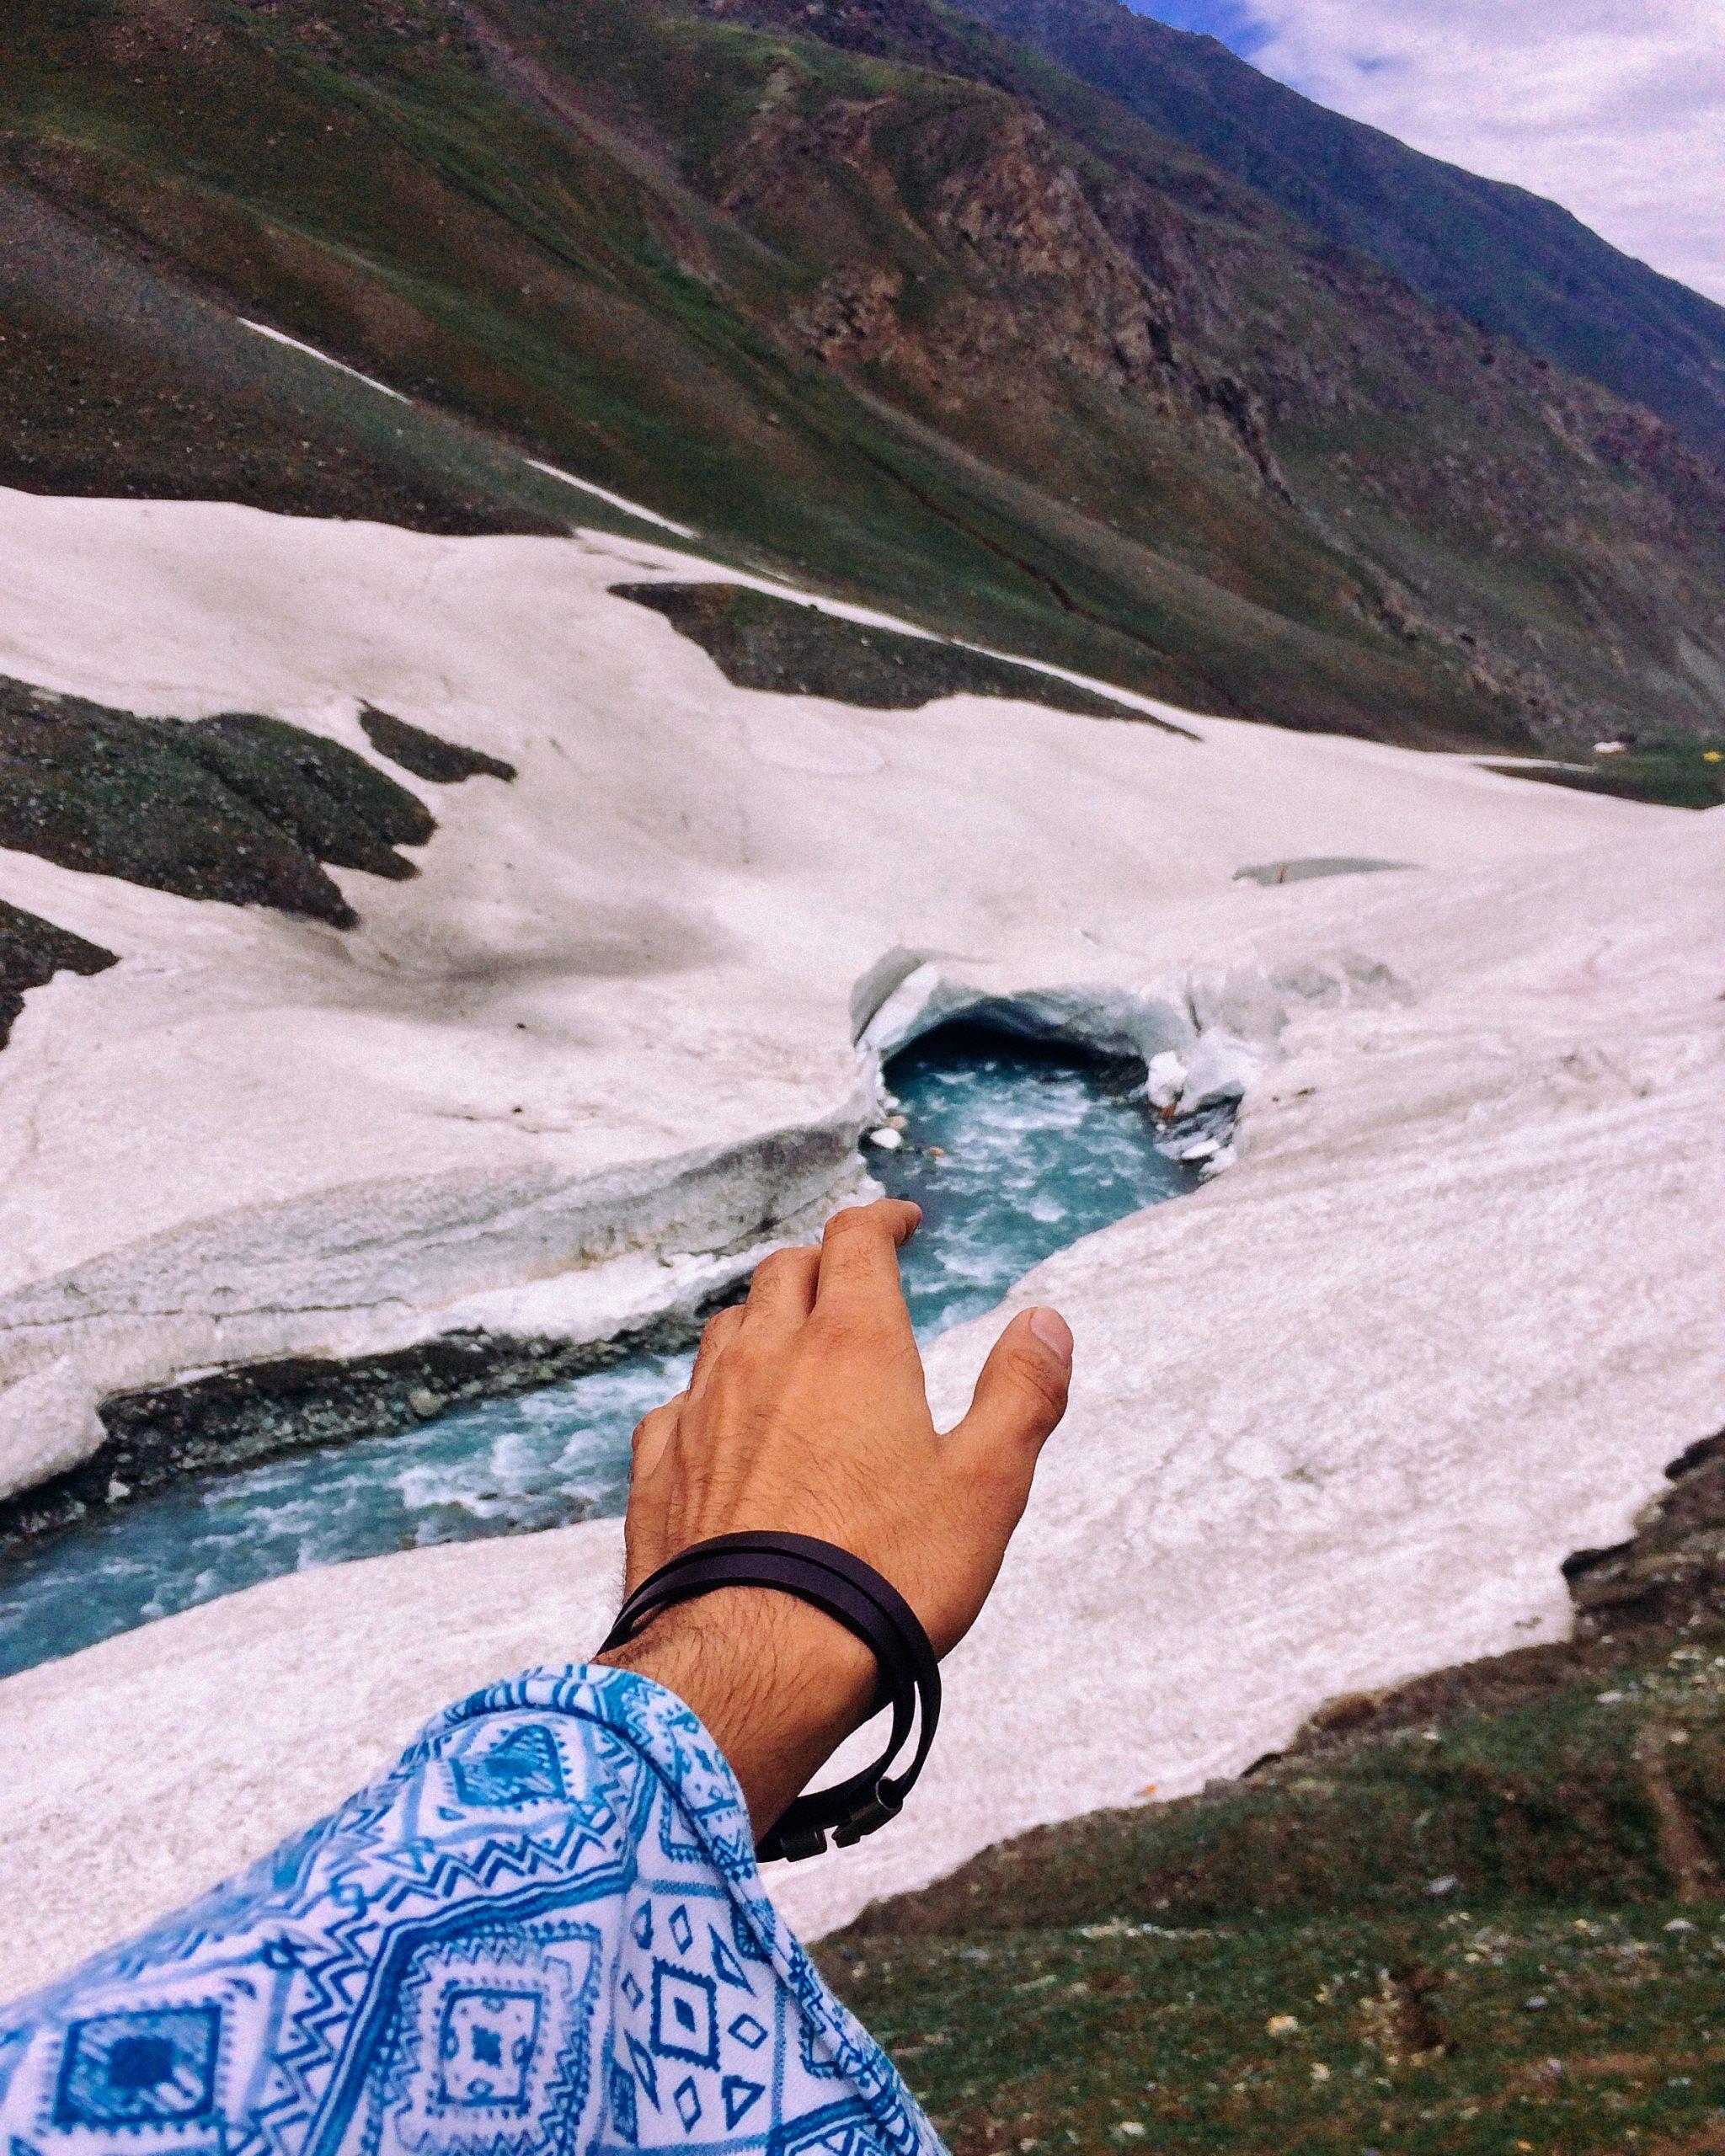 Male hand reaching towards mountain